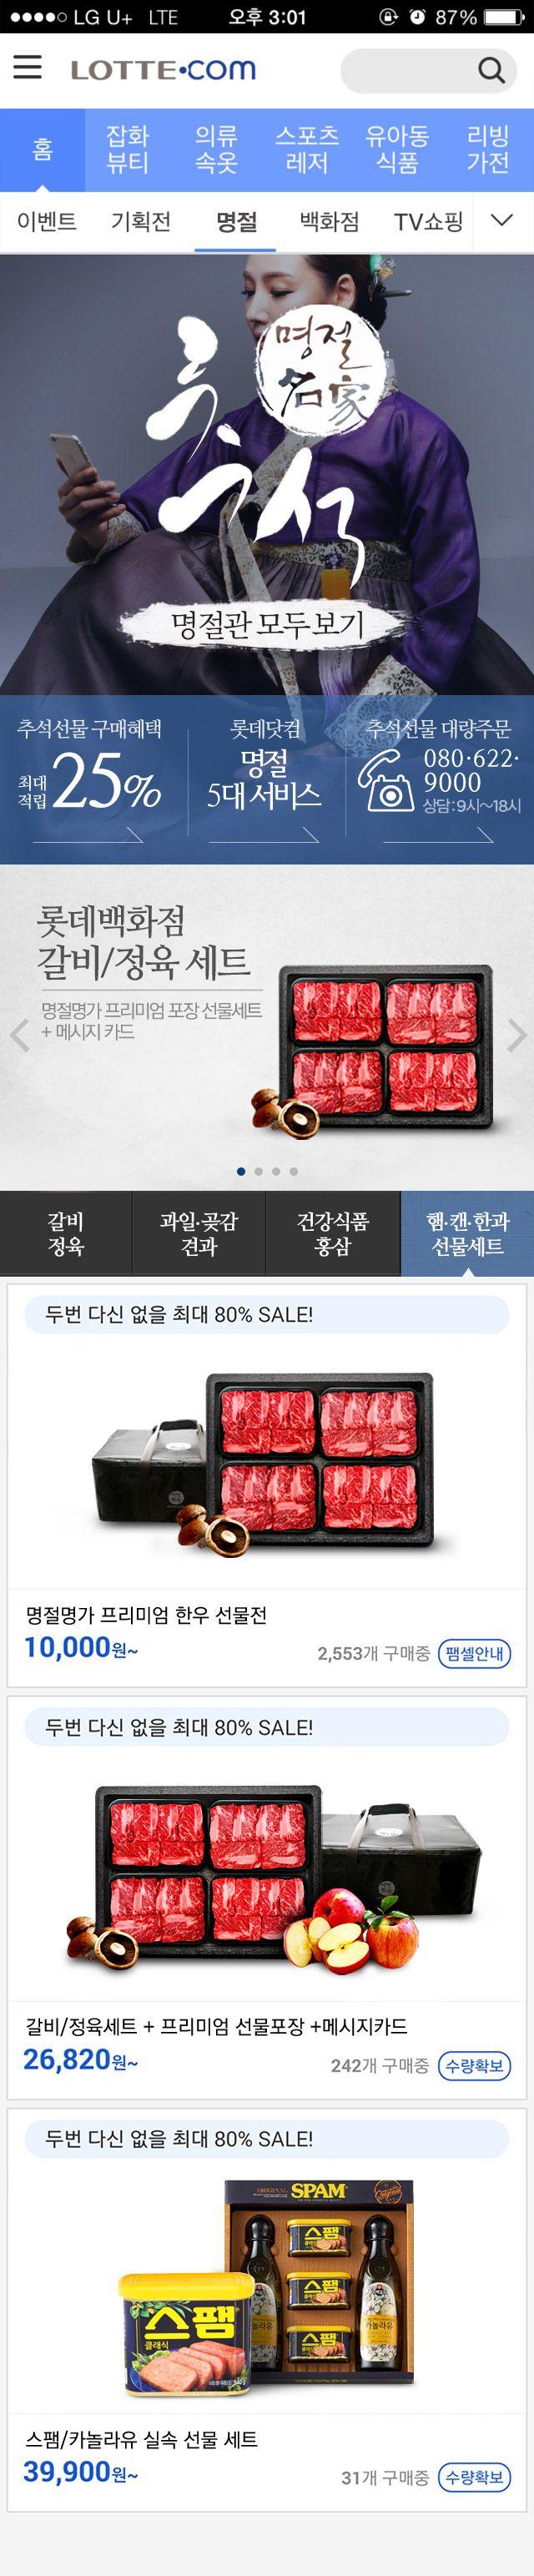 롯데닷컴 2015년 추석 명절 모바일 www.lotte.com